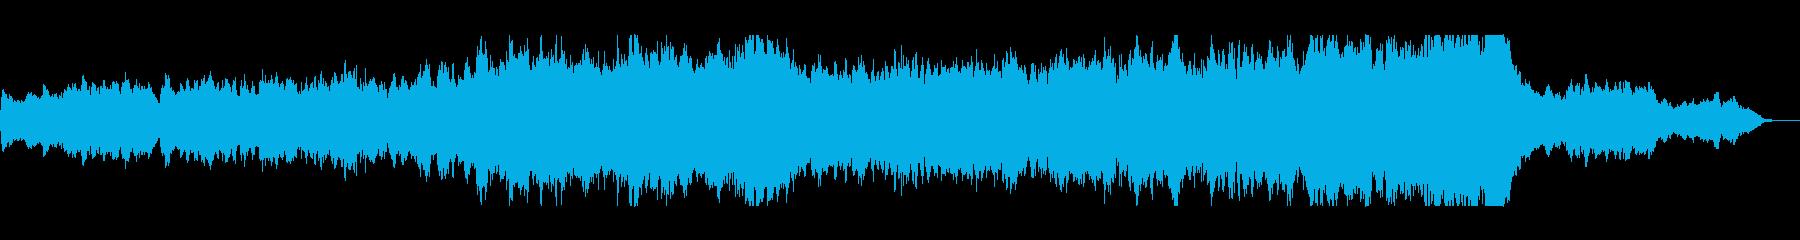 RPGの戦闘後に流れるような落ち着いた曲の再生済みの波形